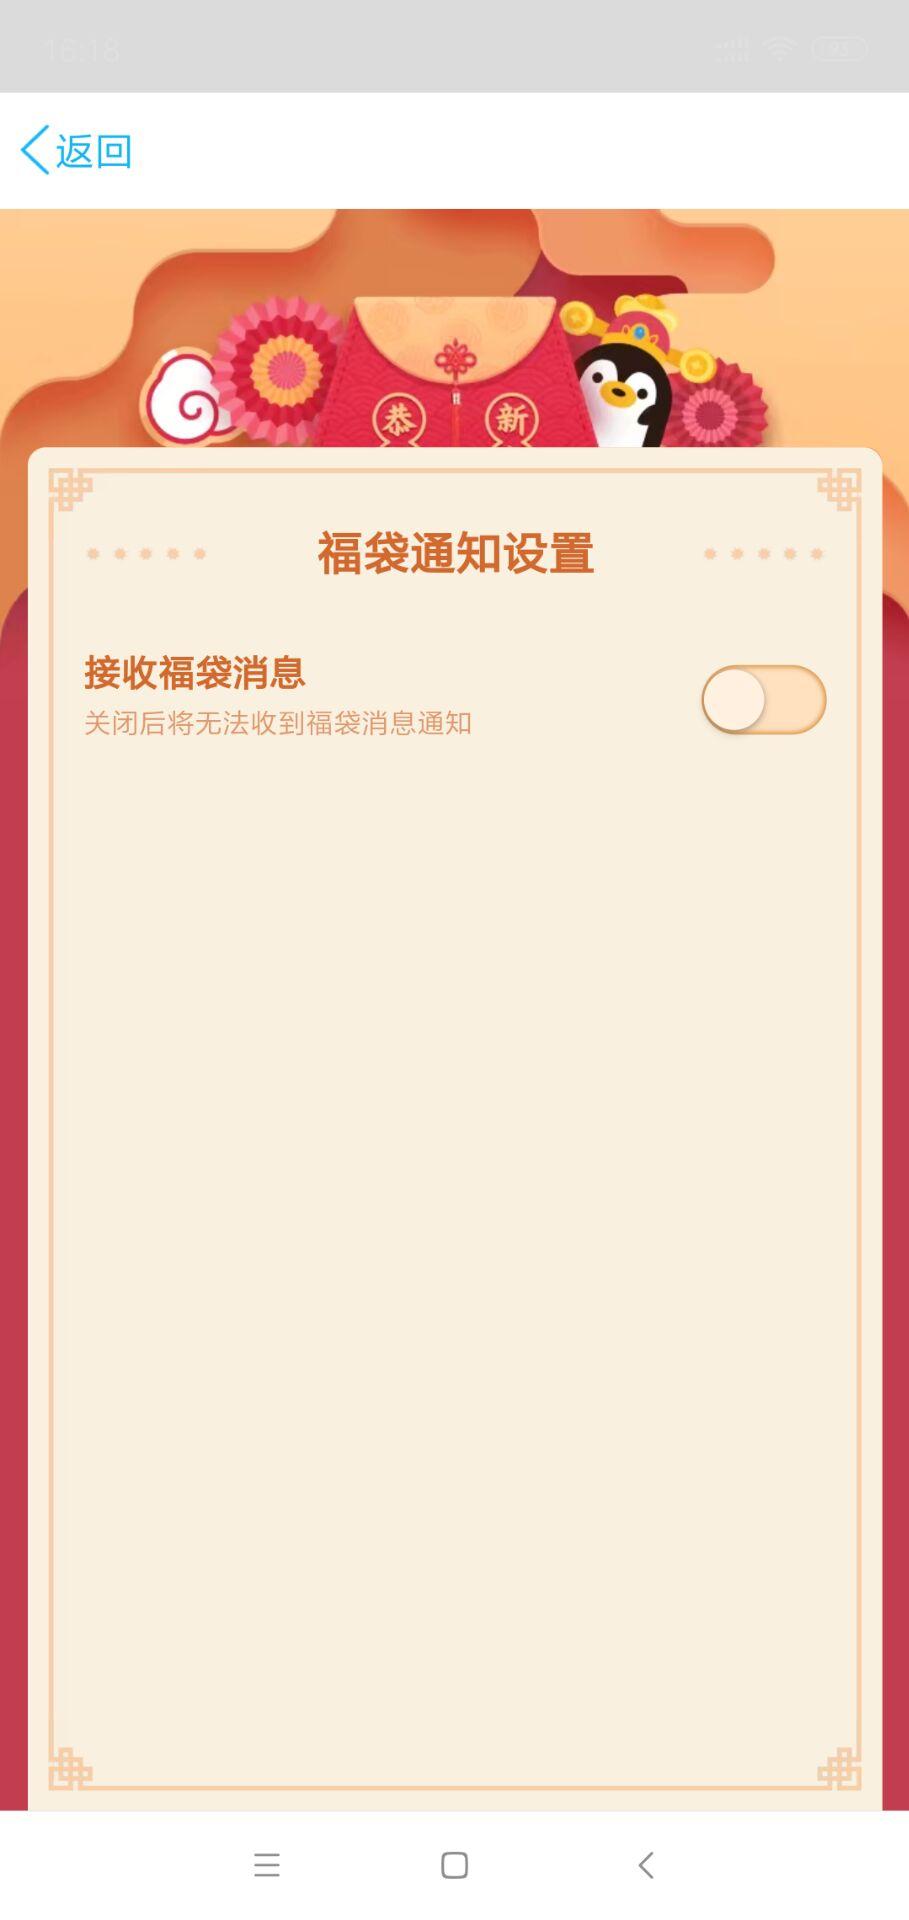 关闭最新版QQ福袋功能